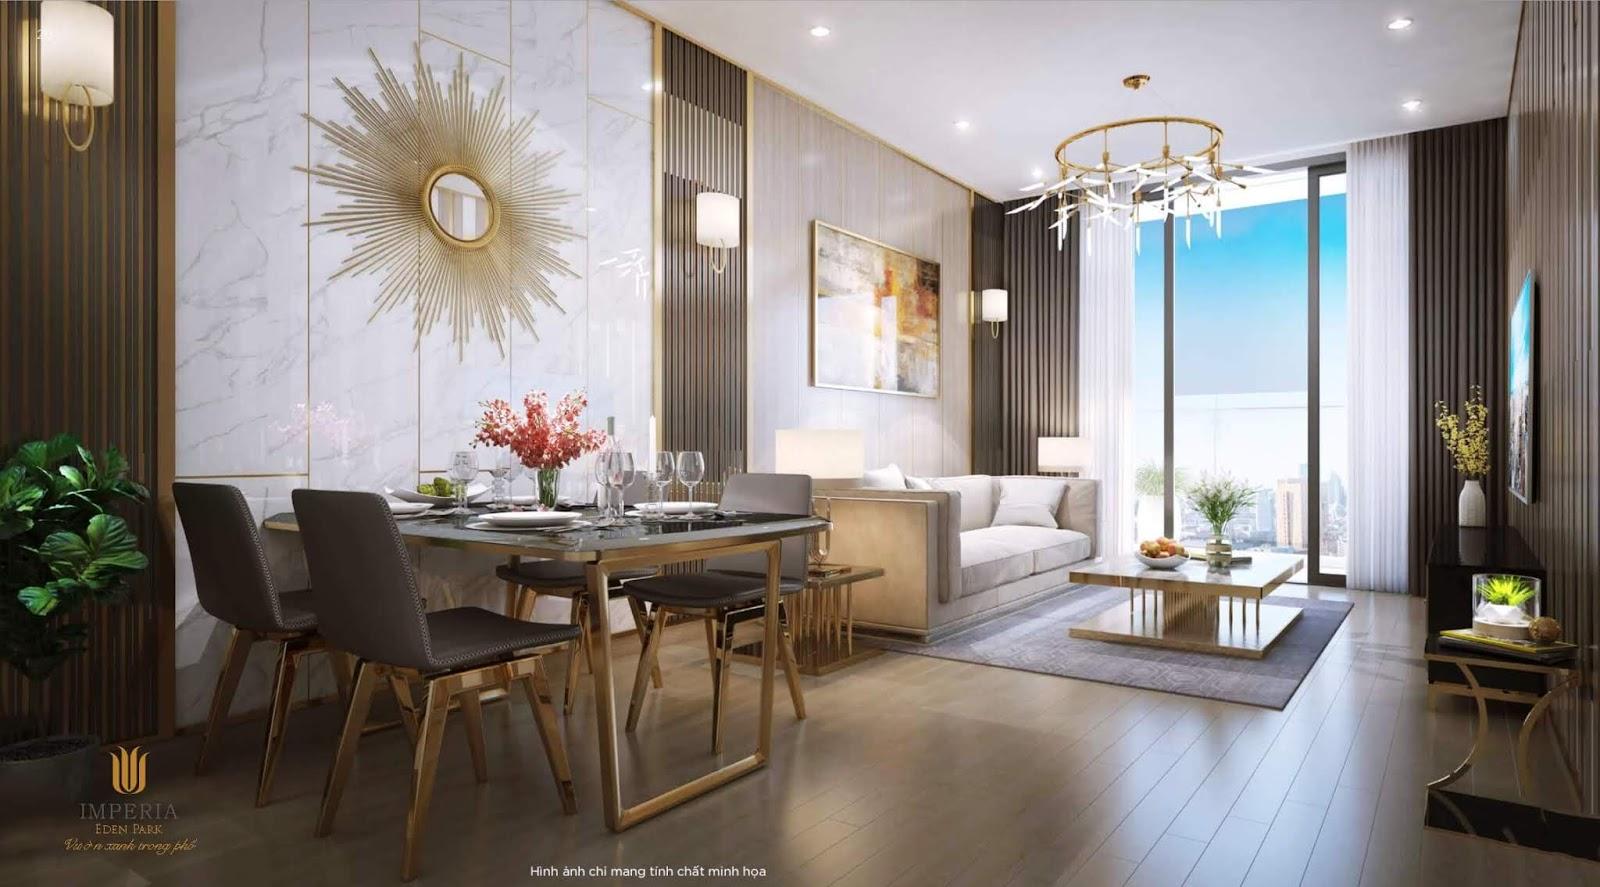 Thiết kế căn hộ cao cấp chung cư Imperia Mễ Trì